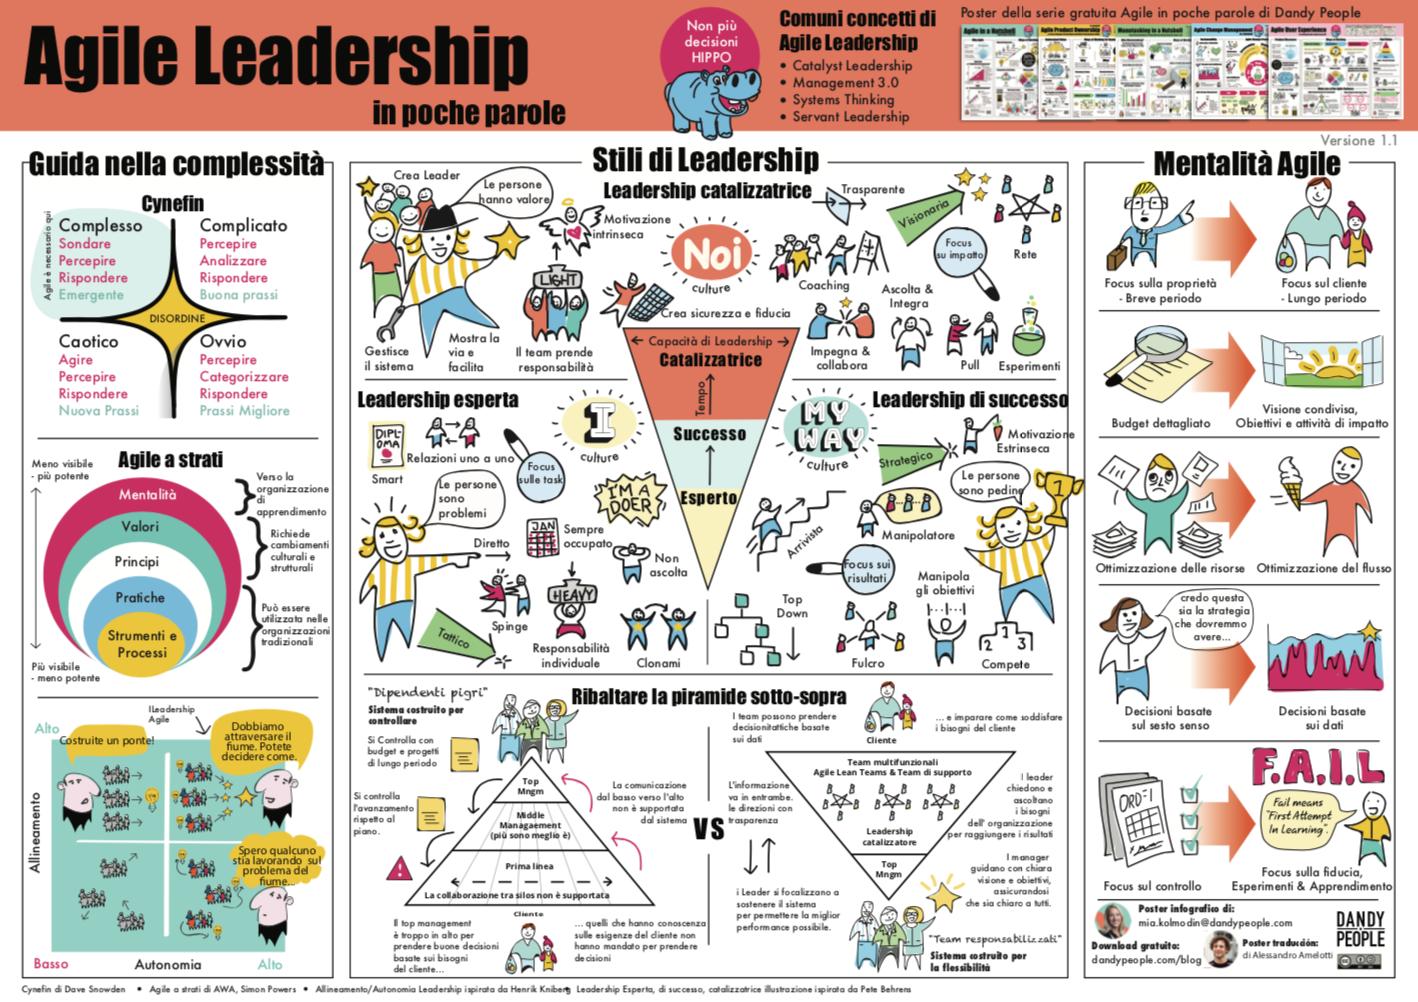 Agile Leadership ITA